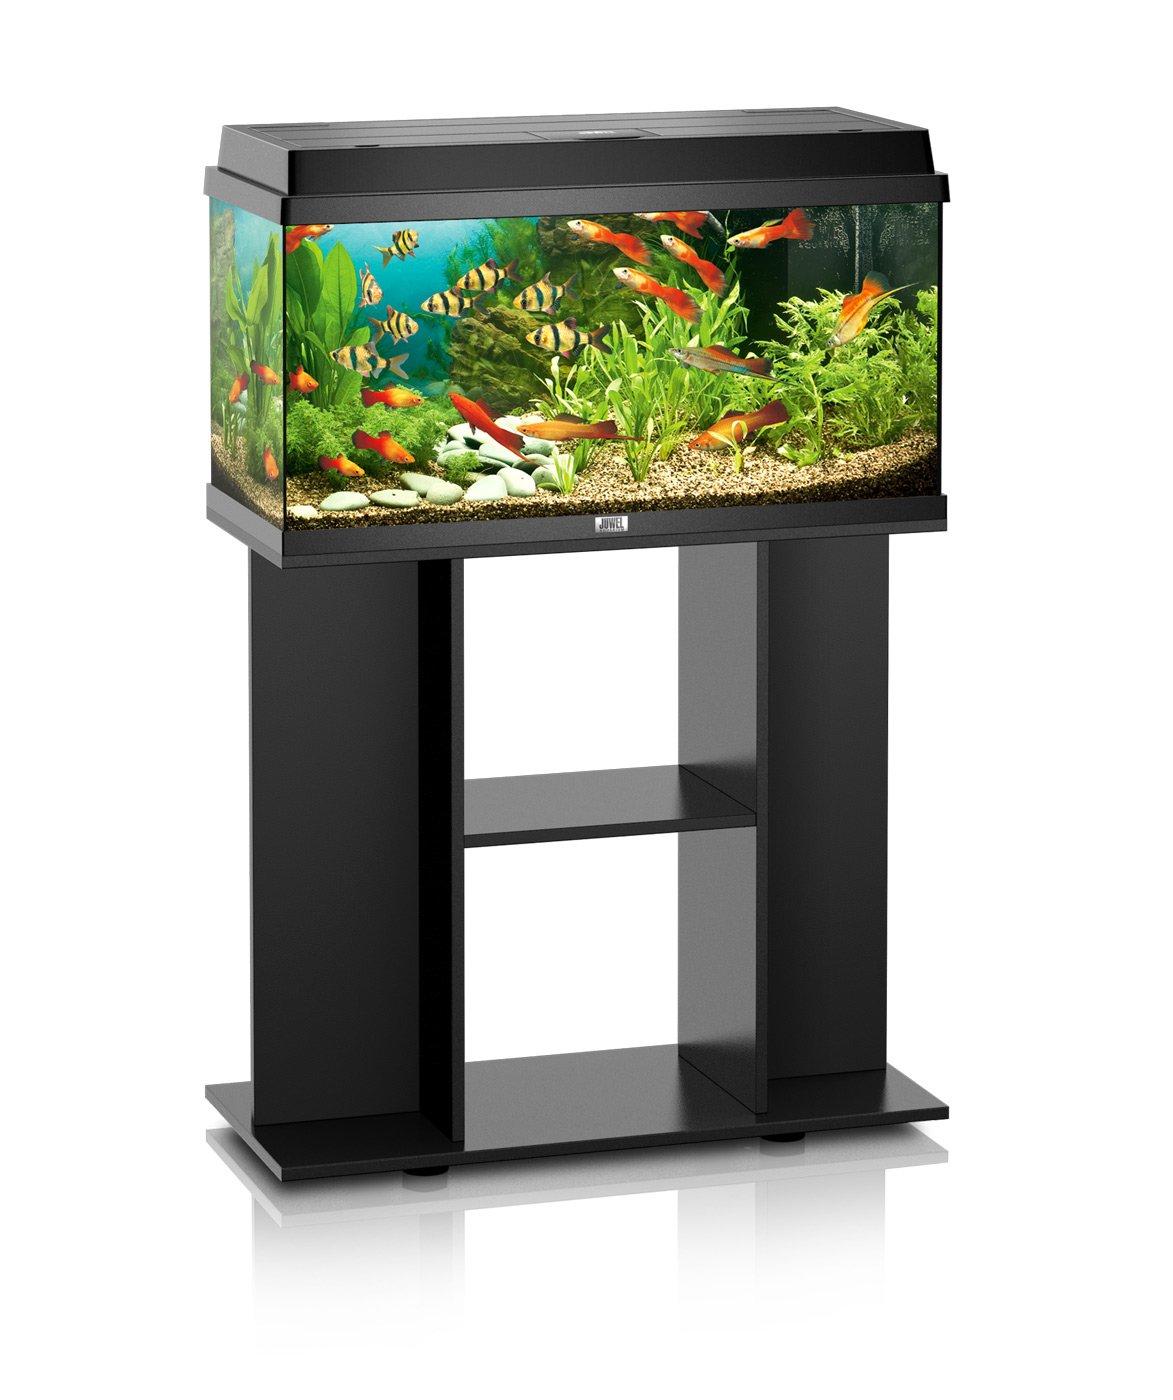 vente aquarium juwel rekord 800 prix discount sur. Black Bedroom Furniture Sets. Home Design Ideas